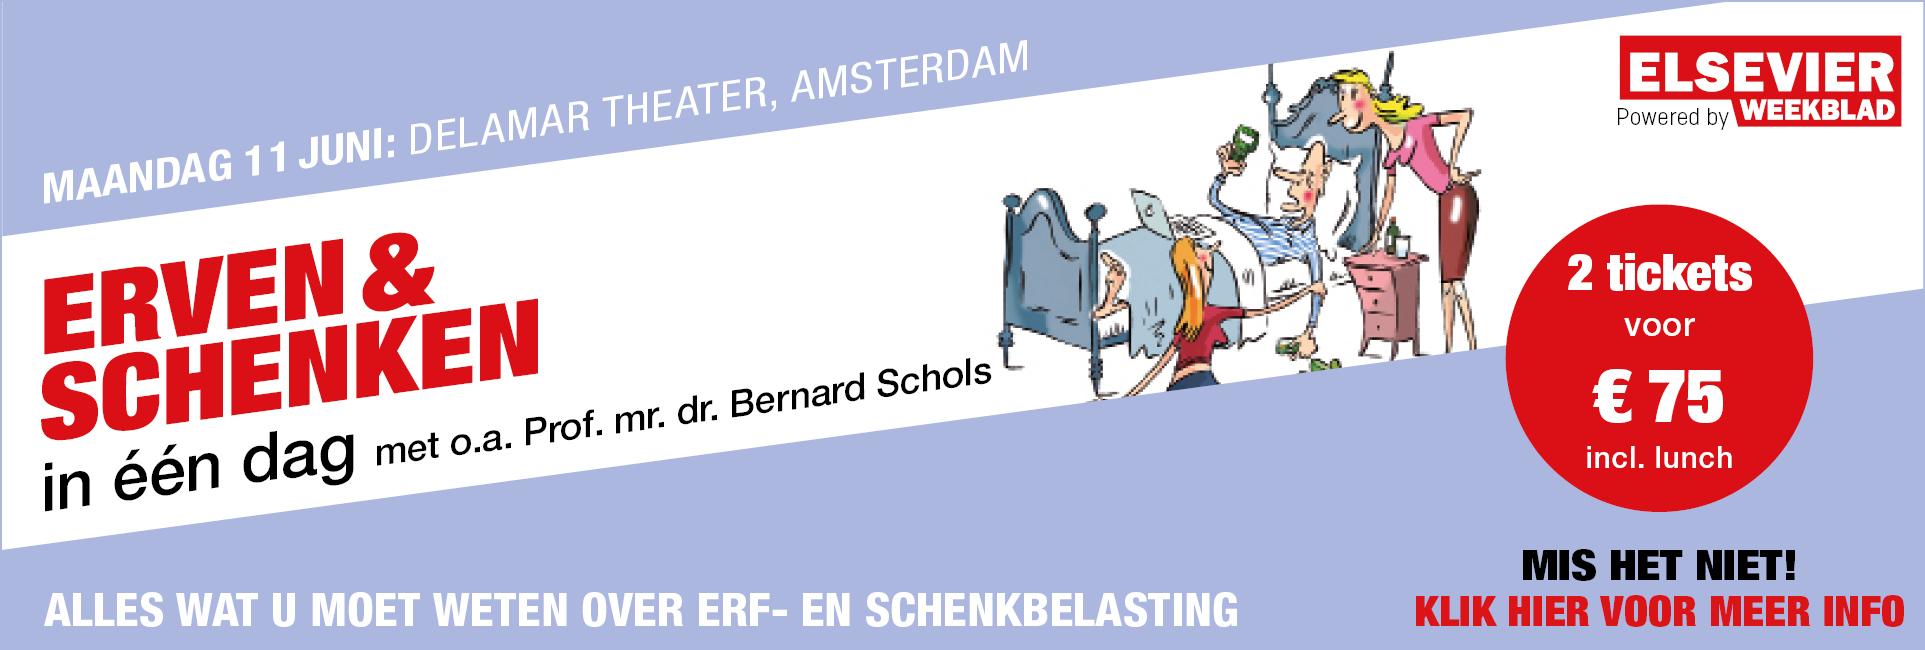 Erven & Schenken in één dag | Powered by Elsevier Weekblad